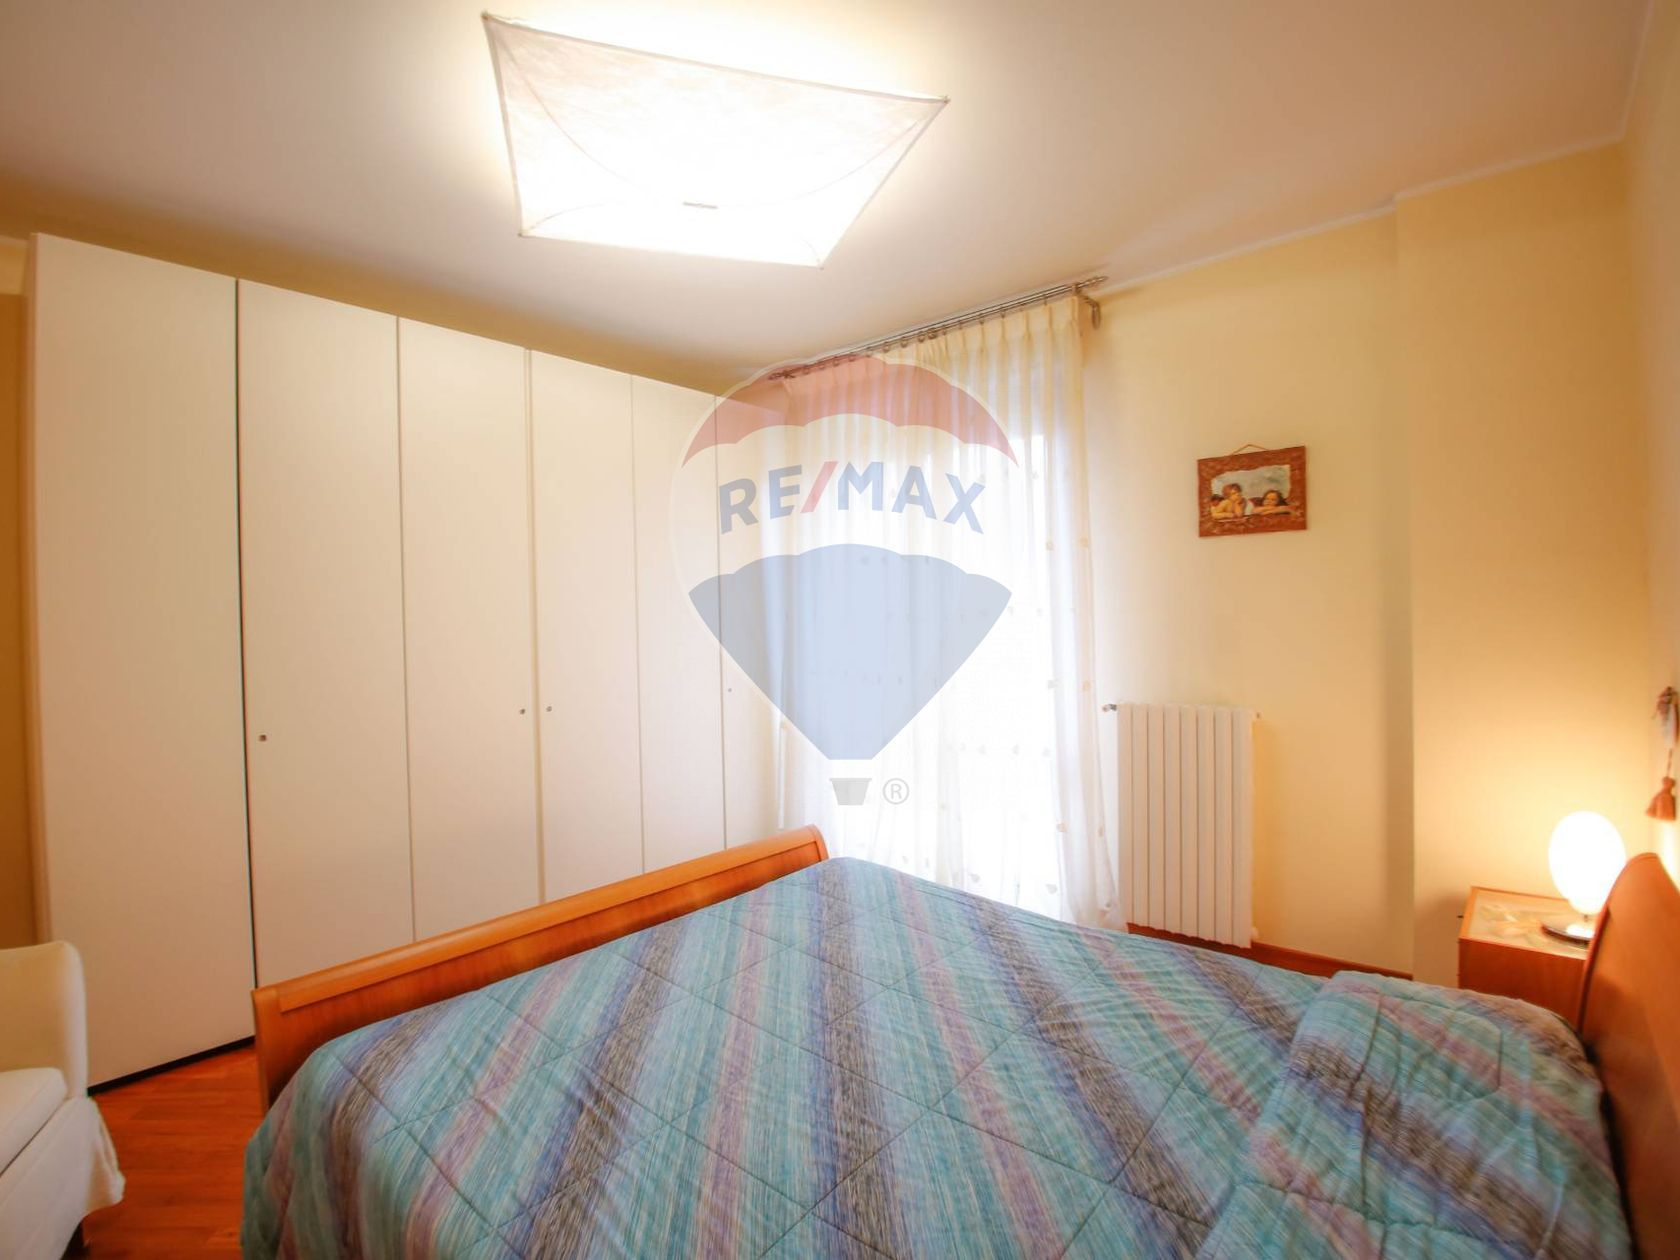 Appartamento Filippone, Chieti, CH Vendita - Foto 13